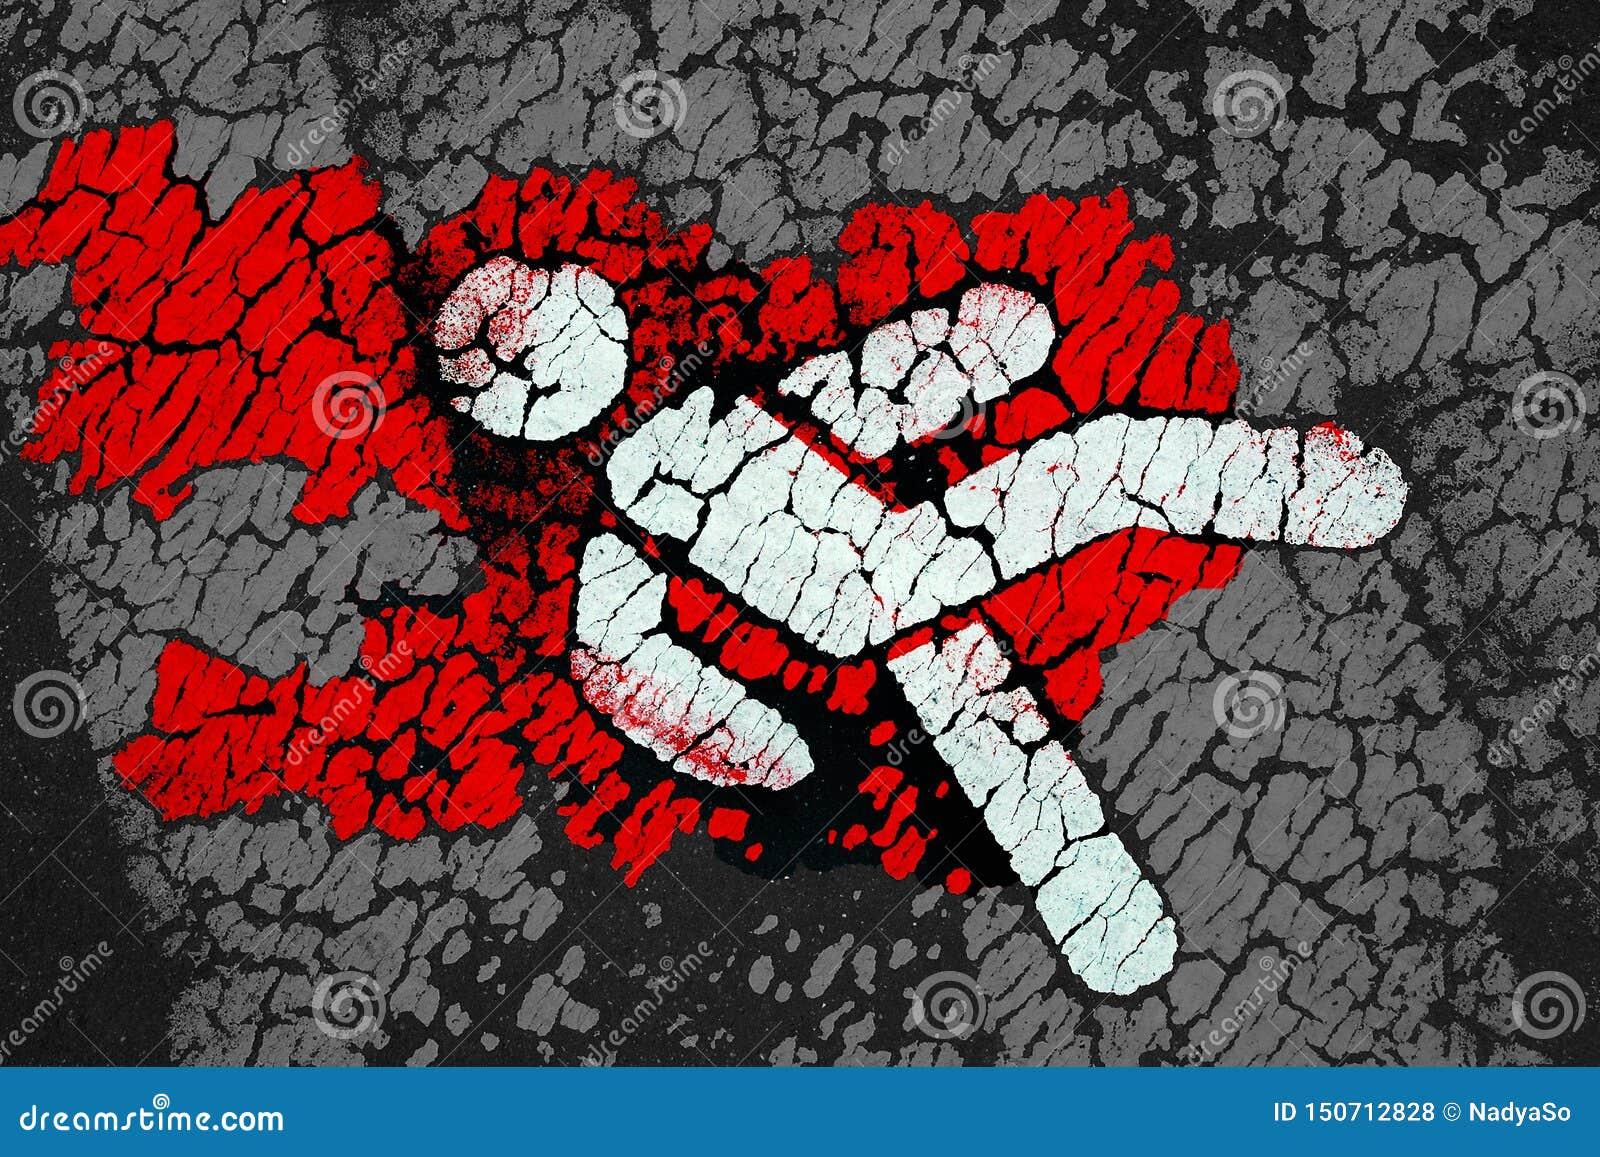 Symbolisch voetpictogram met rood bloed zoals vlekken